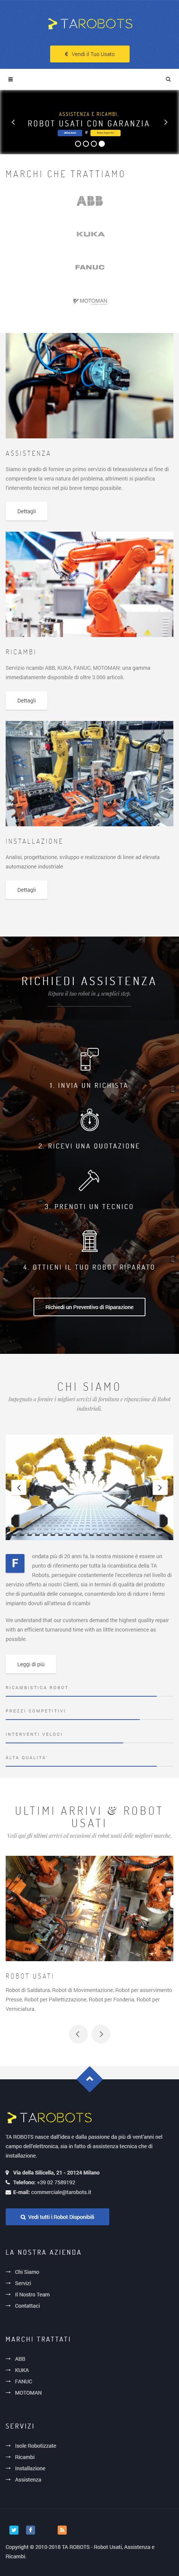 Siti Web Aziendale Vendita Macchinari Usati e Ricambi